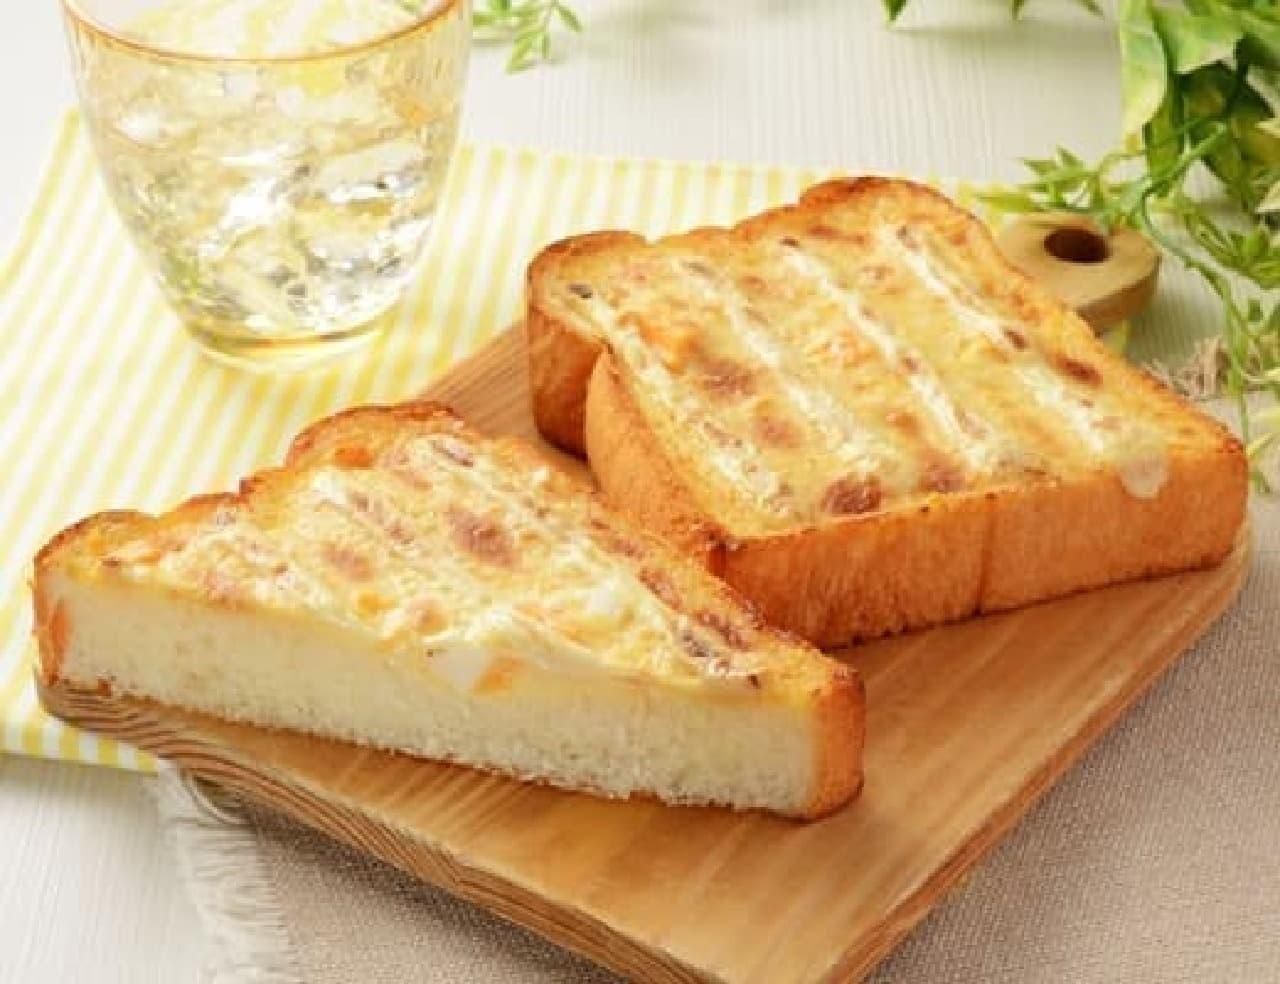 ローソンの「たまごトースト(マヨネーズ風味)」